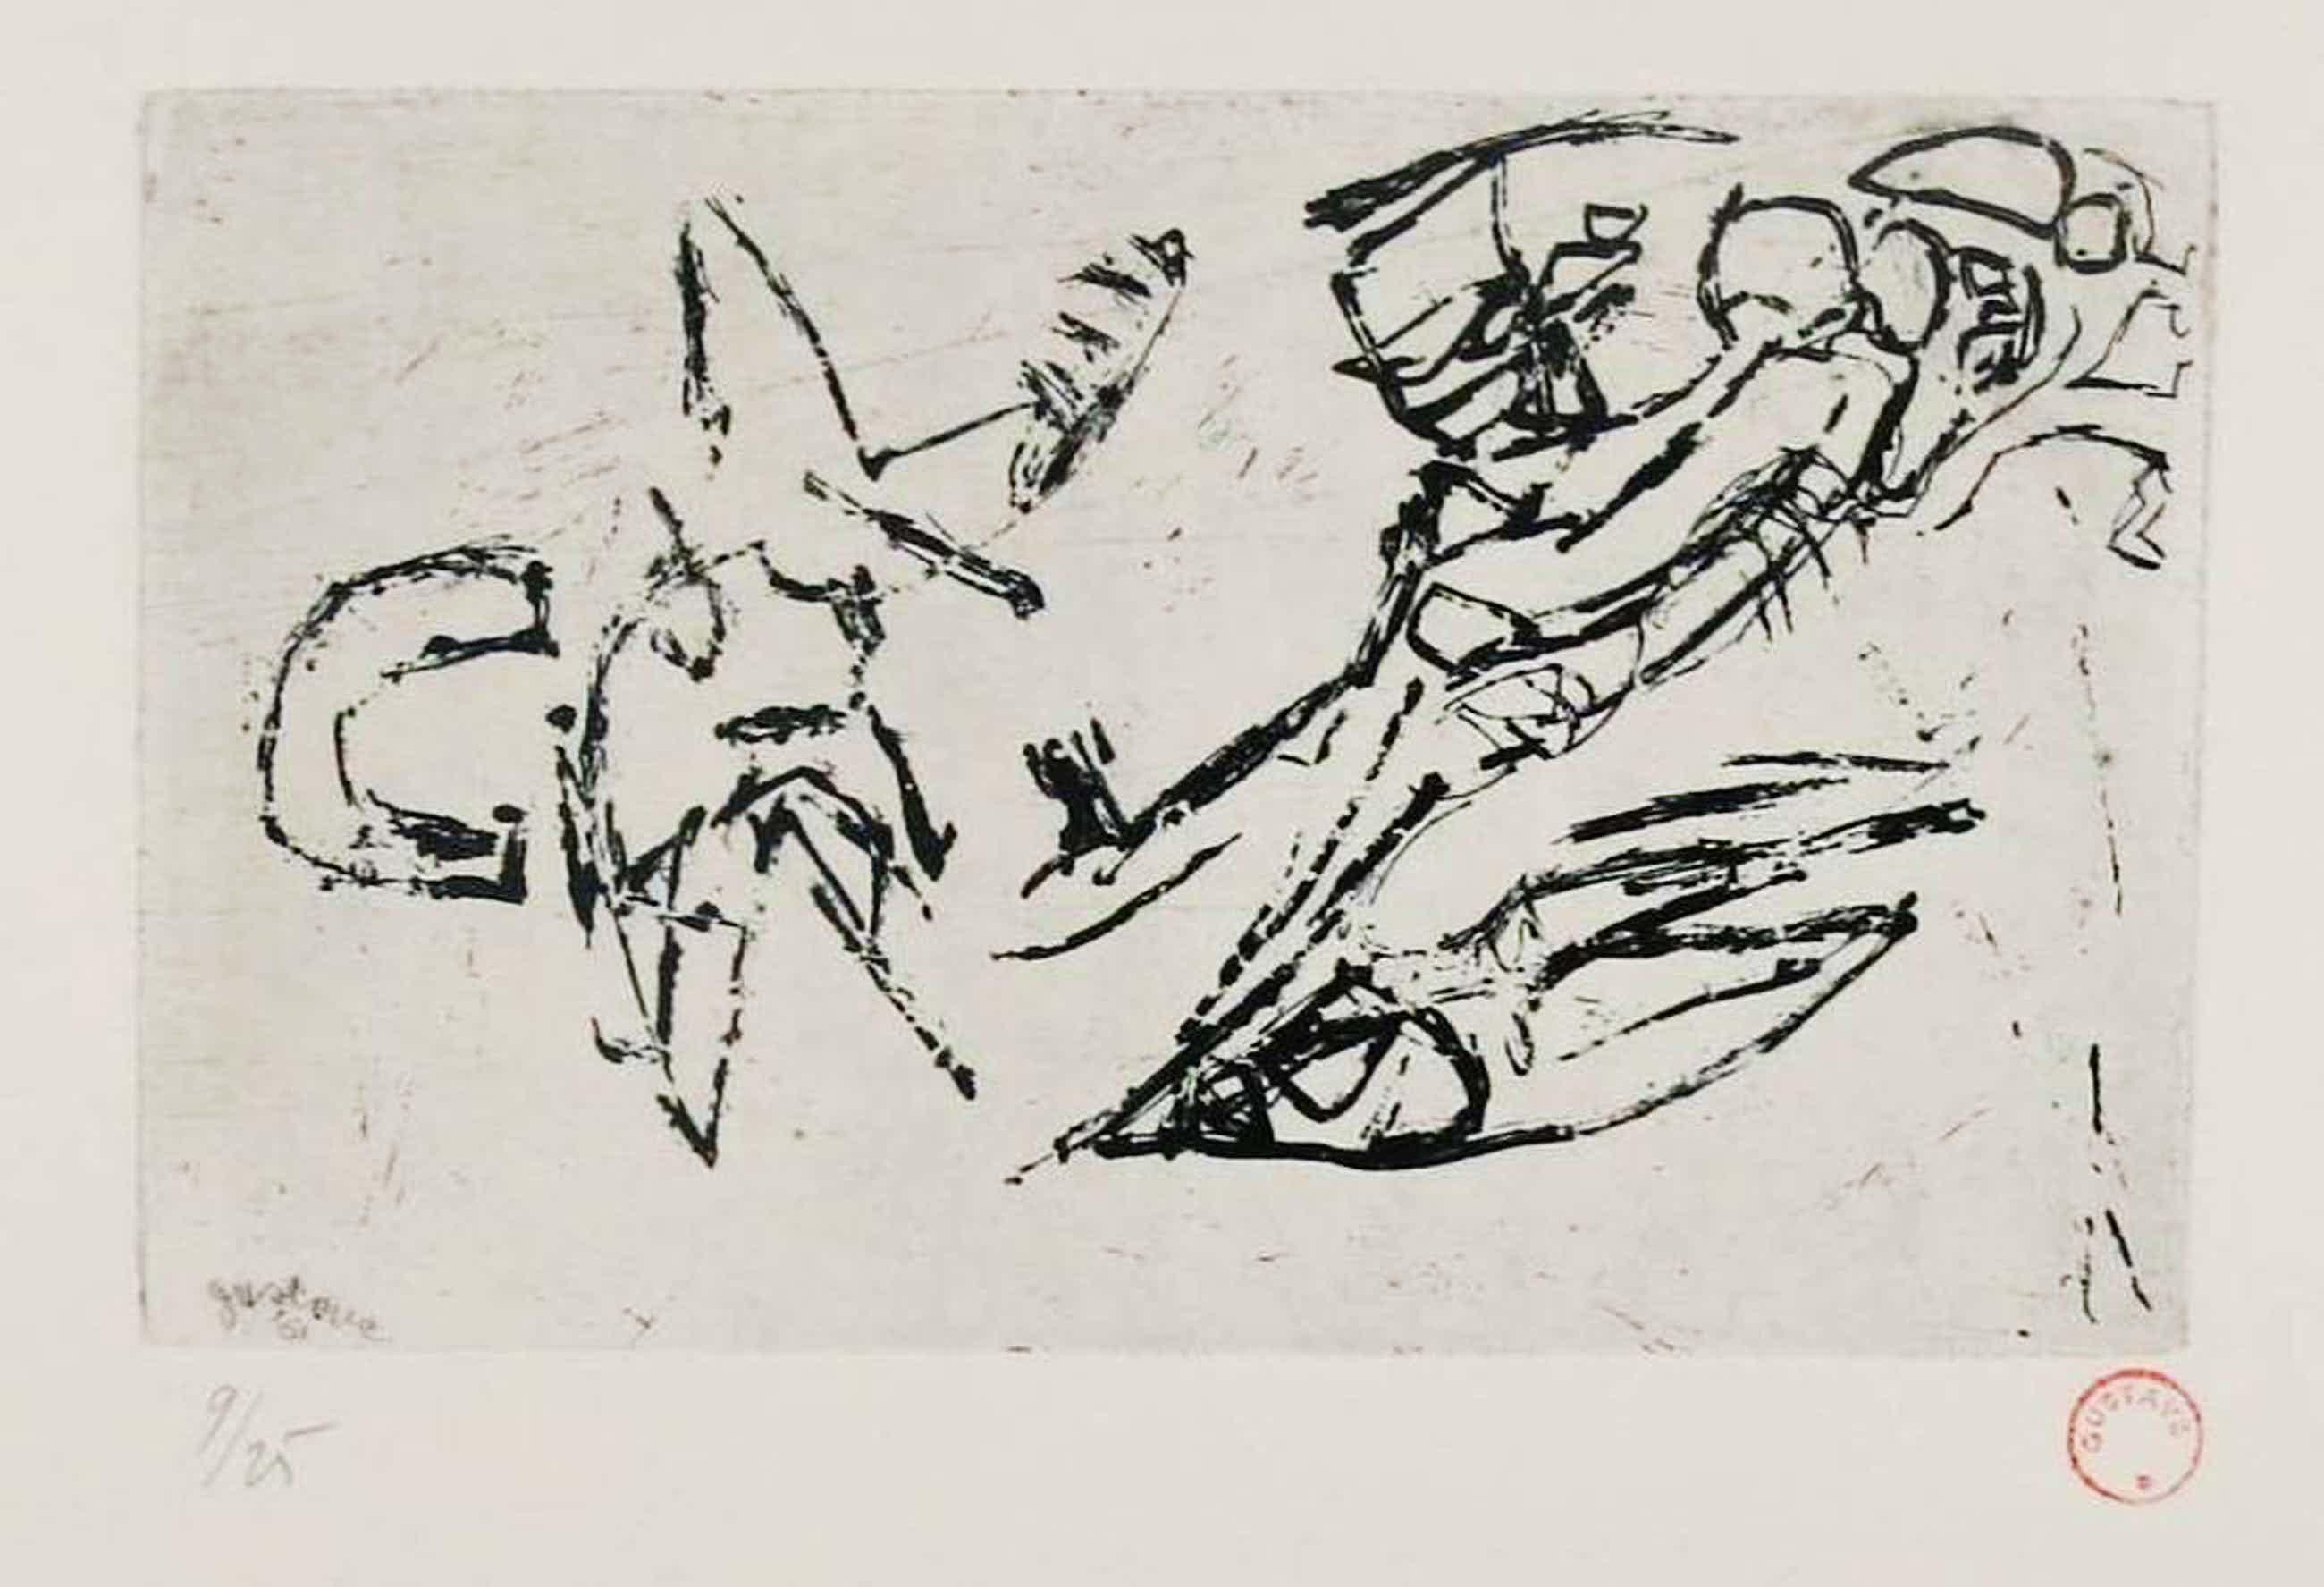 Gustave Asselbergs: Ets, Abstracte compositie III kopen? Bied vanaf 80!